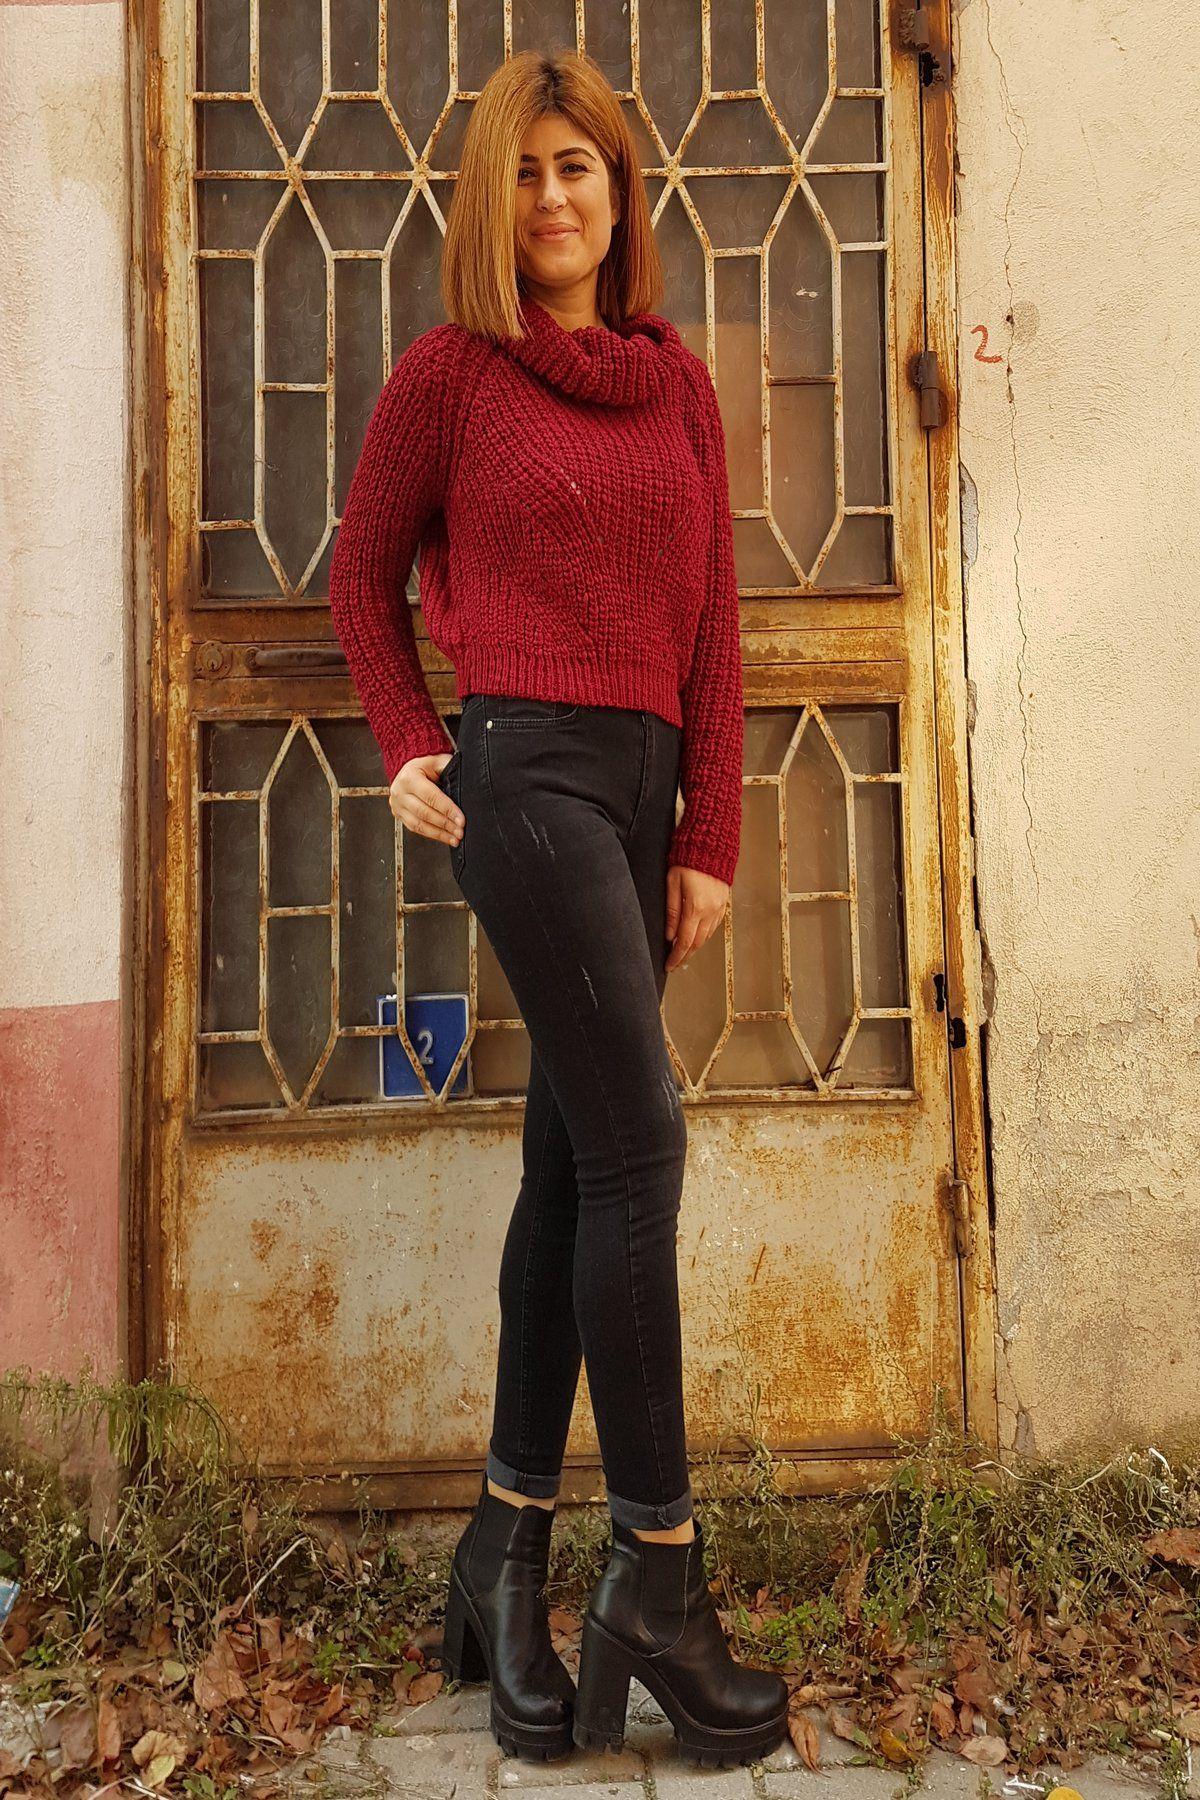 Düşük yakalı kırmızı cepli örgü bayan kazak